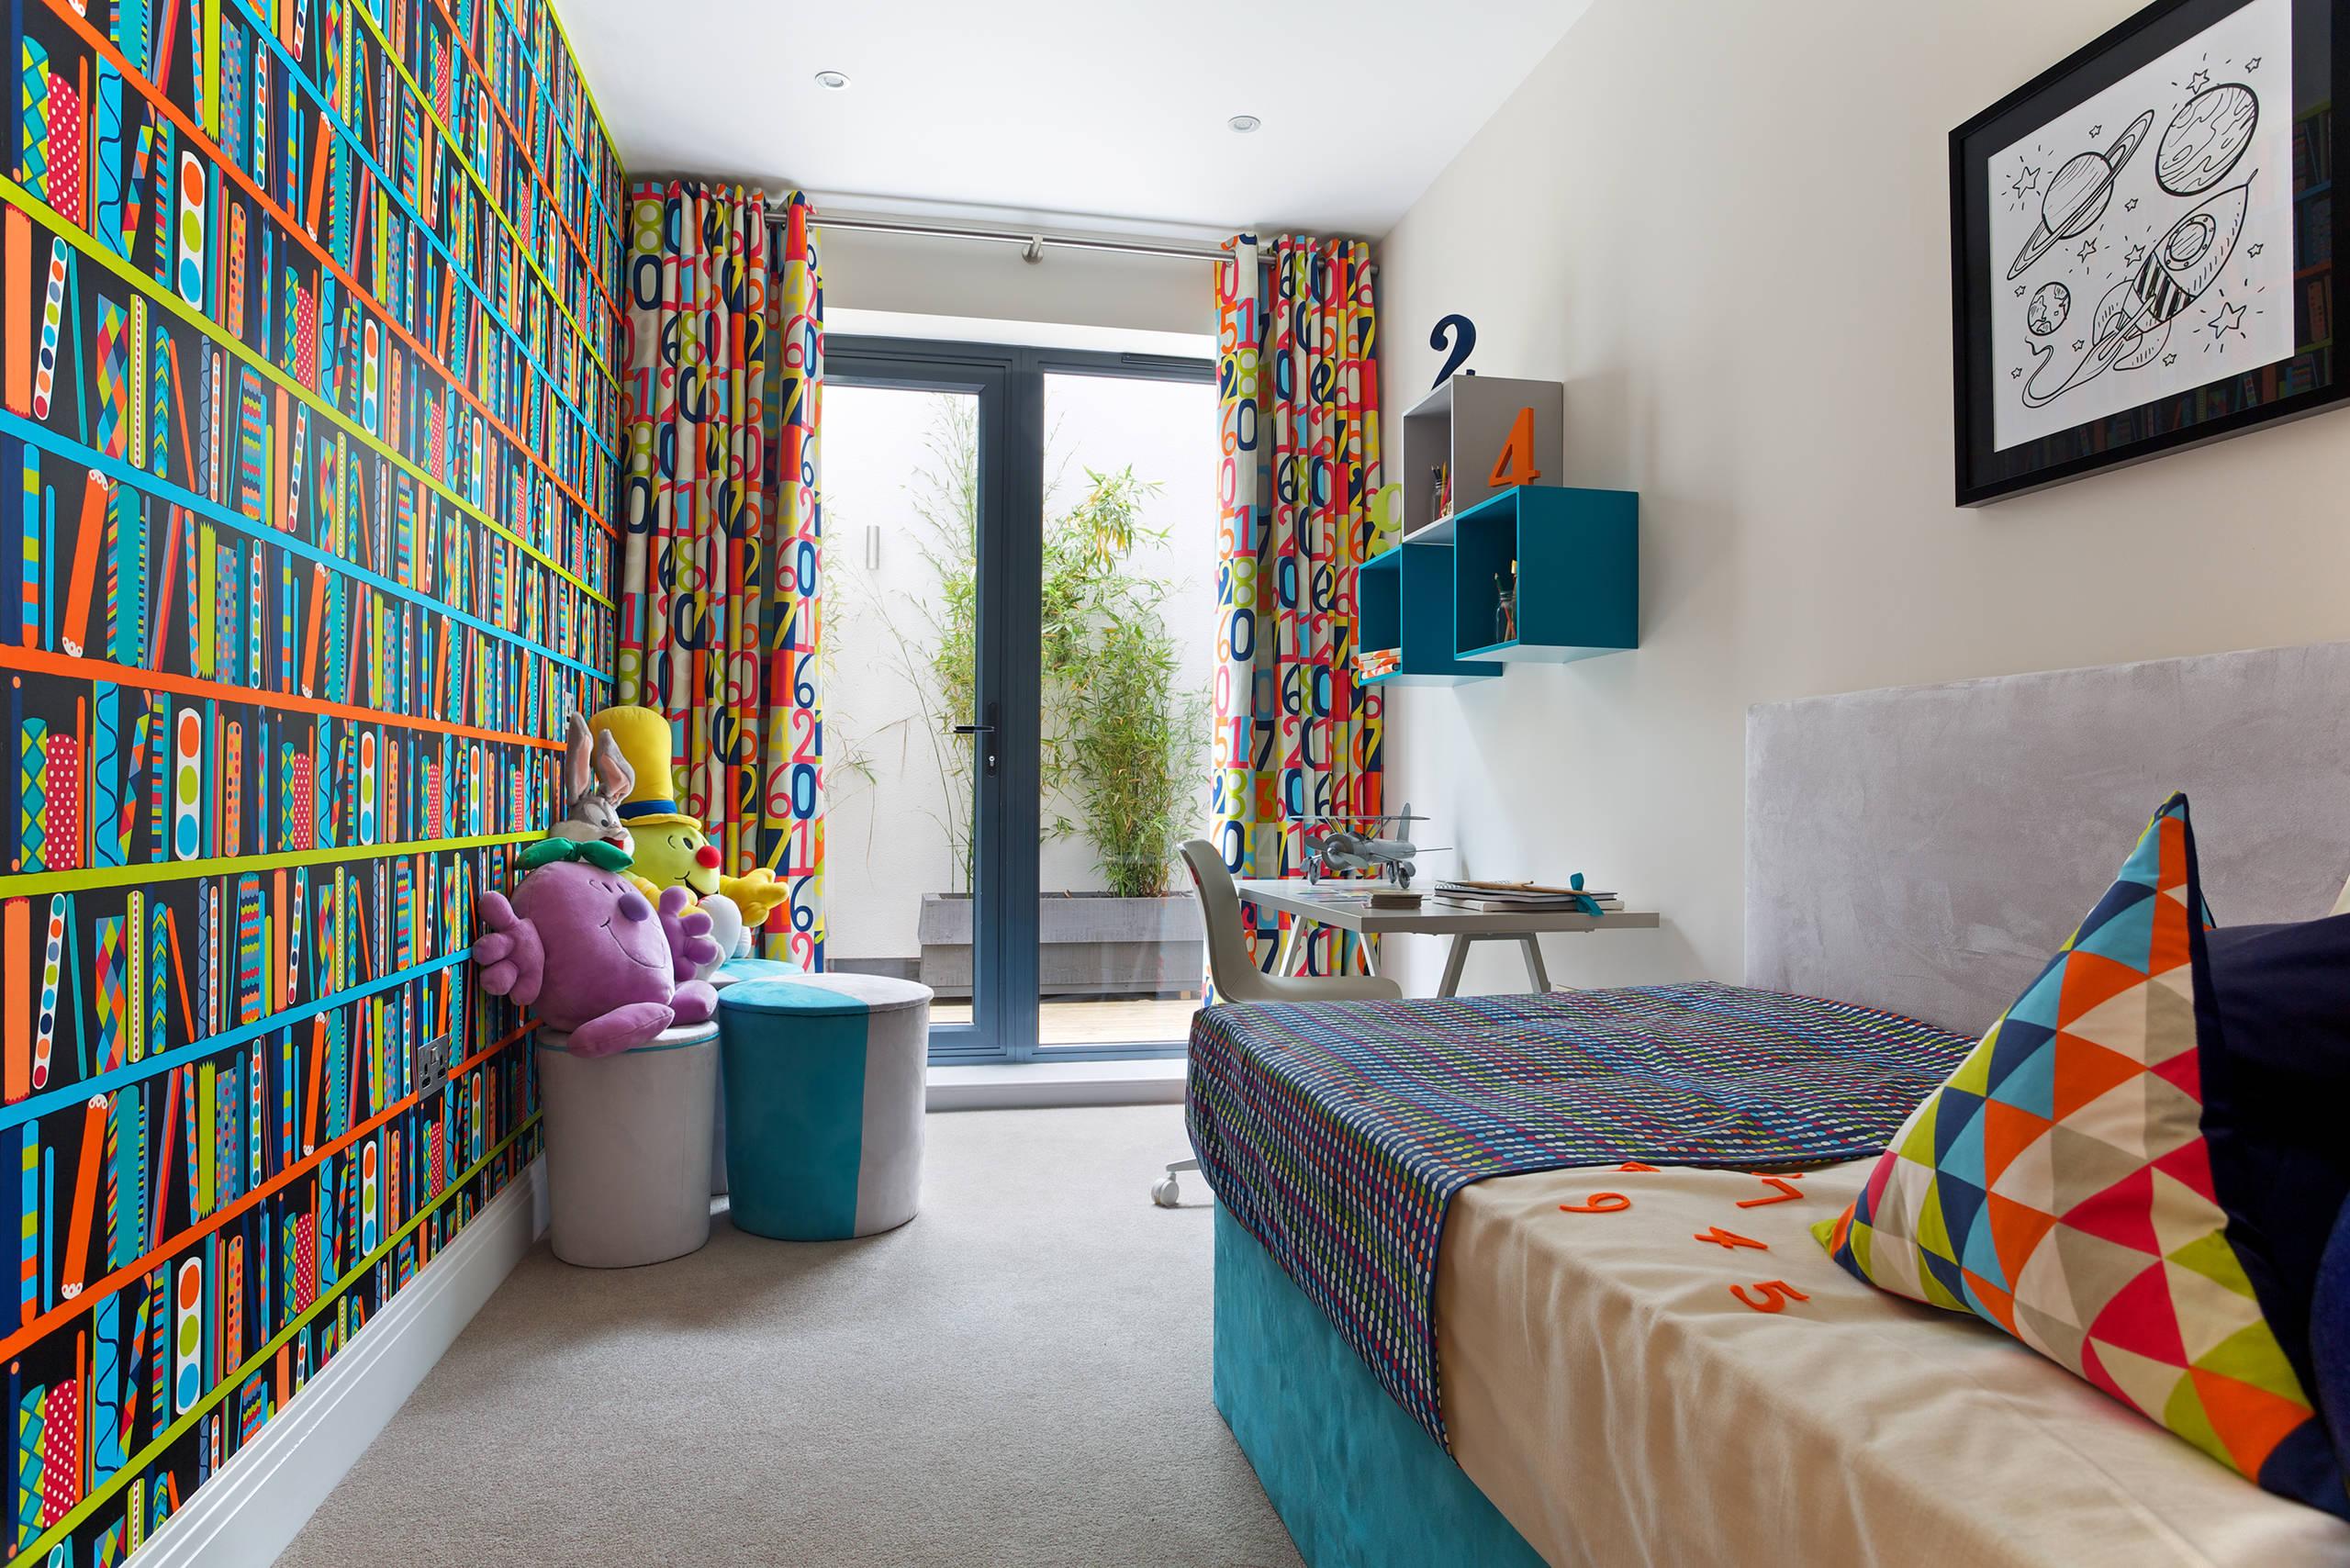 habitación infantil colorida